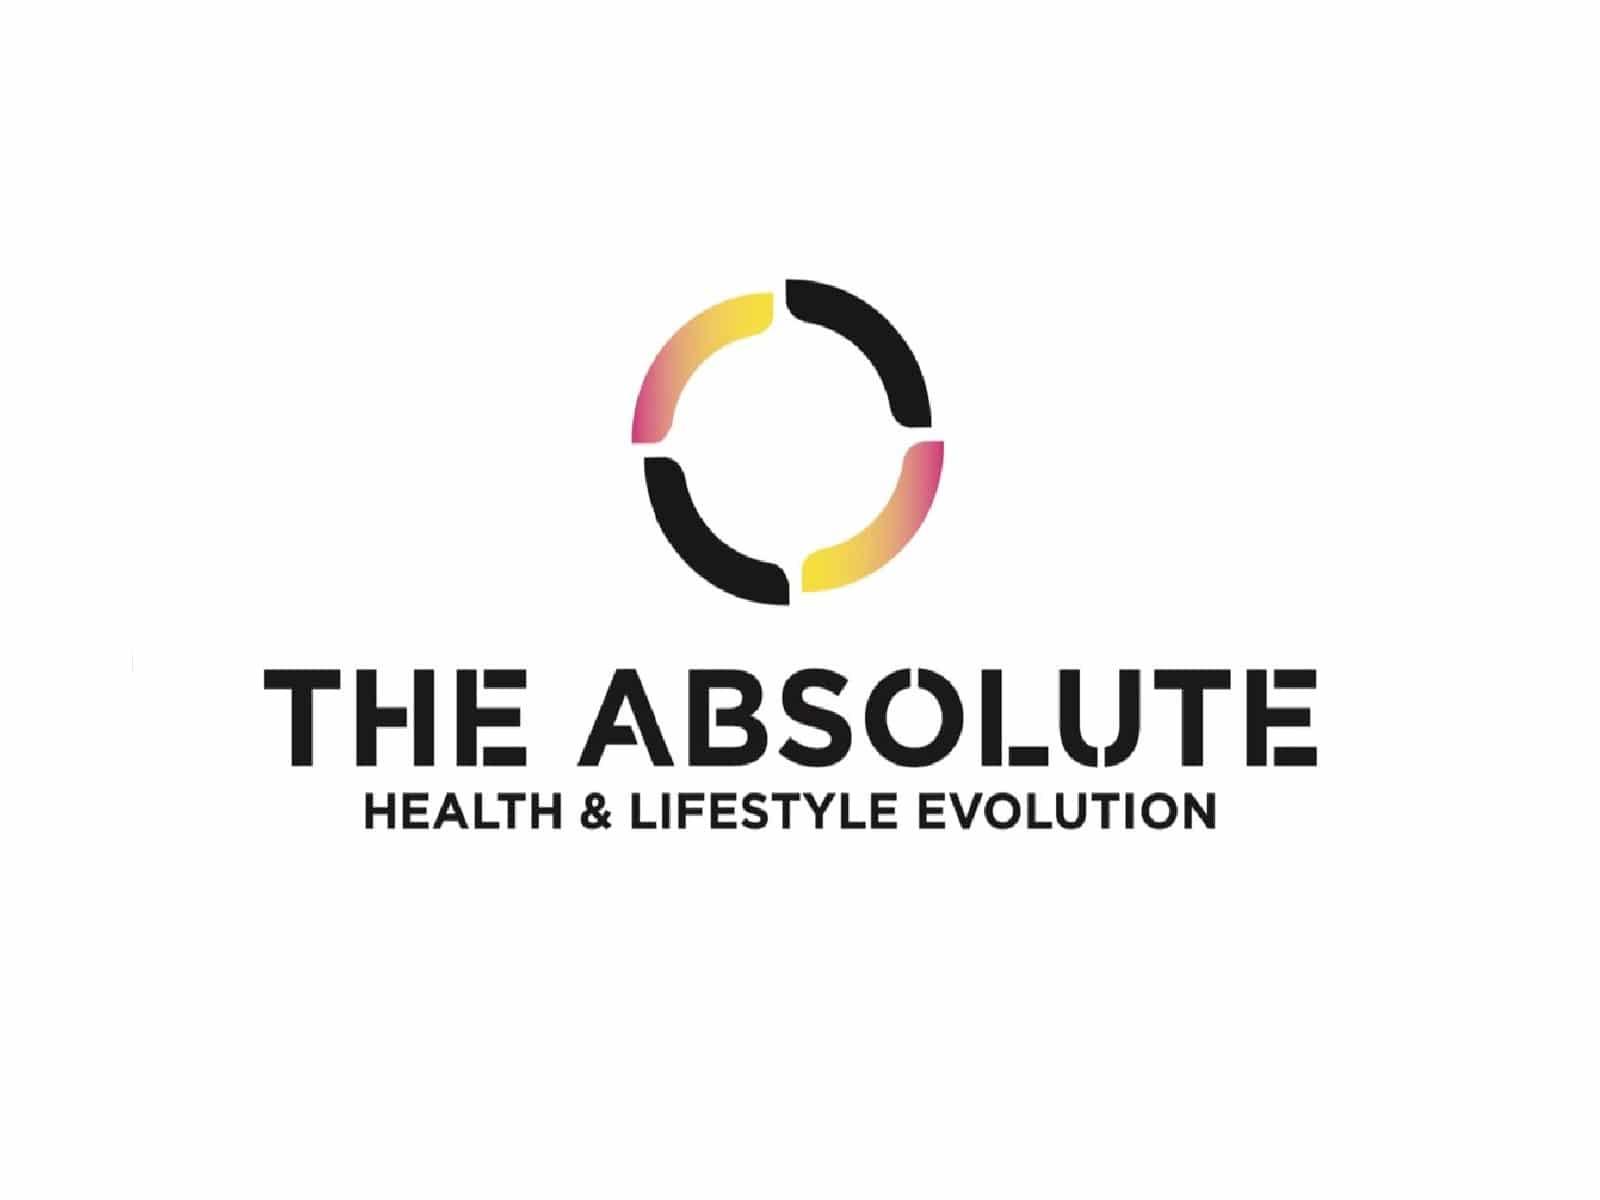 Absolute-Group-2.jpg